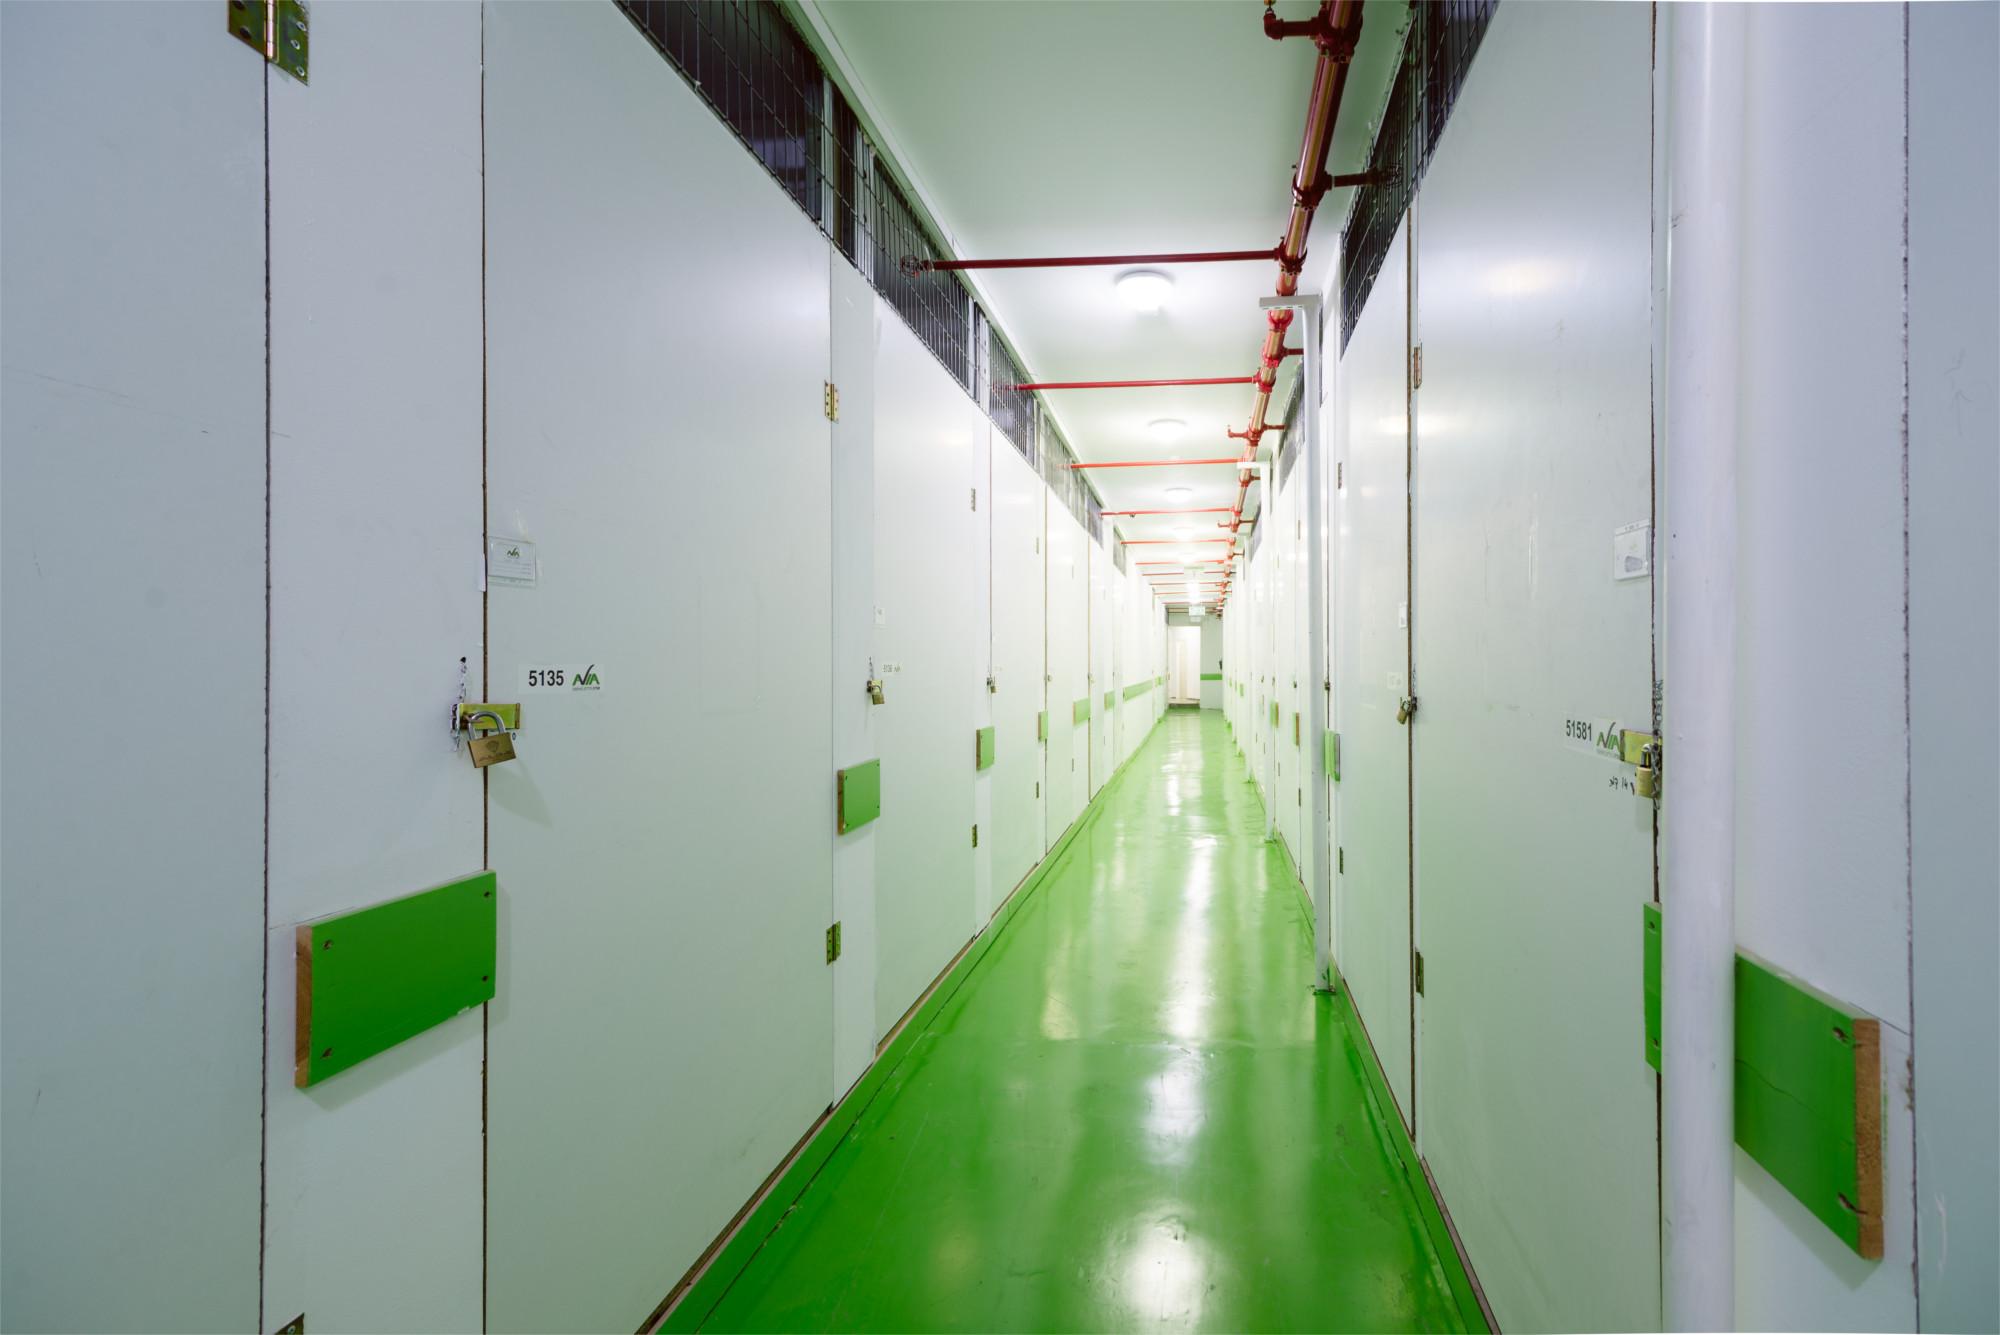 סניף חיפה - יחידות אחסון | מחסנים להשכרה בחיפה